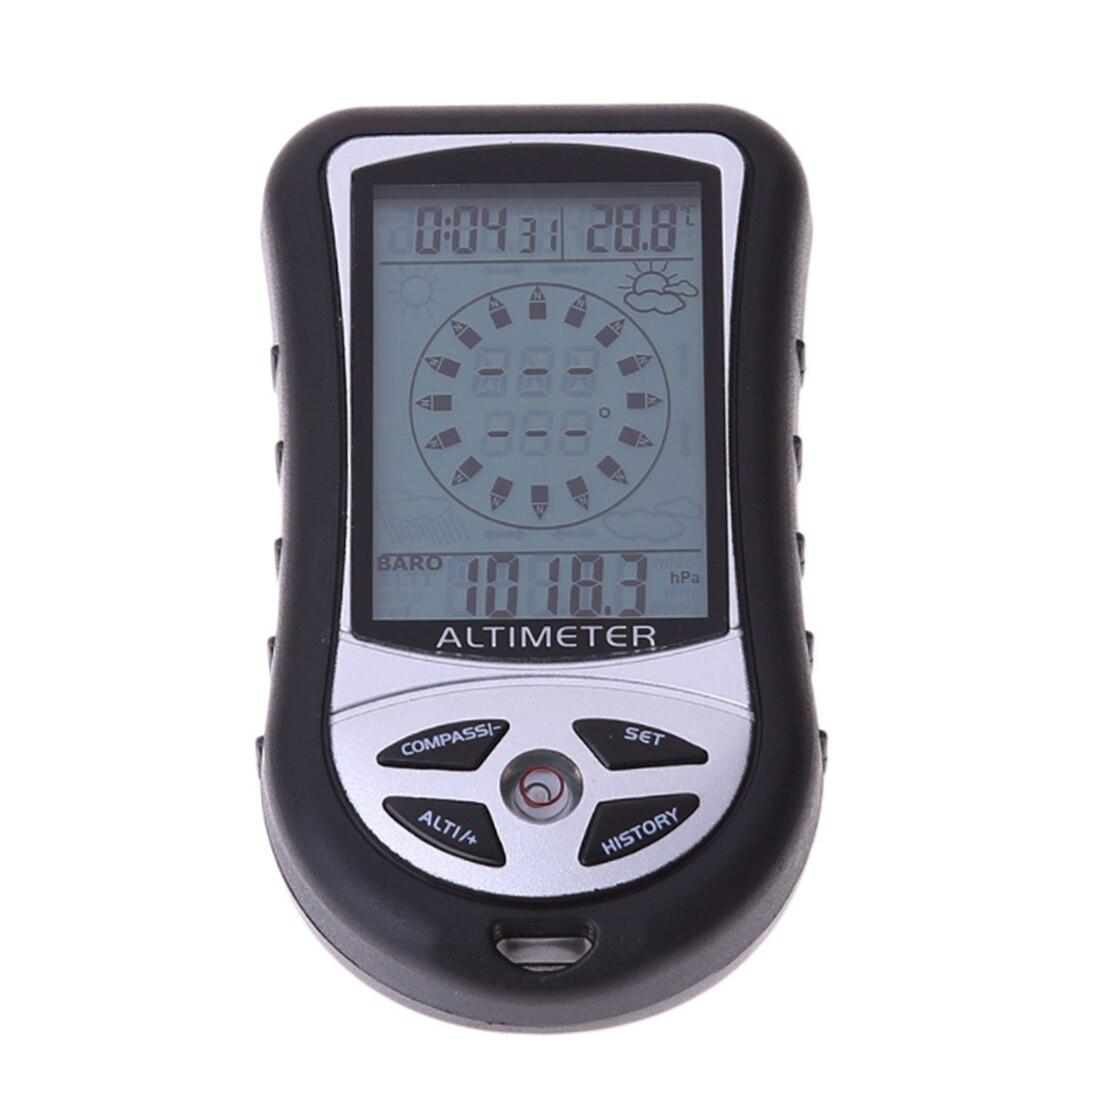 8 в 1 ЖК-цифровой альтиметр барометр термометр Прогноз погоды история часы календарь-Компас для походов охоты